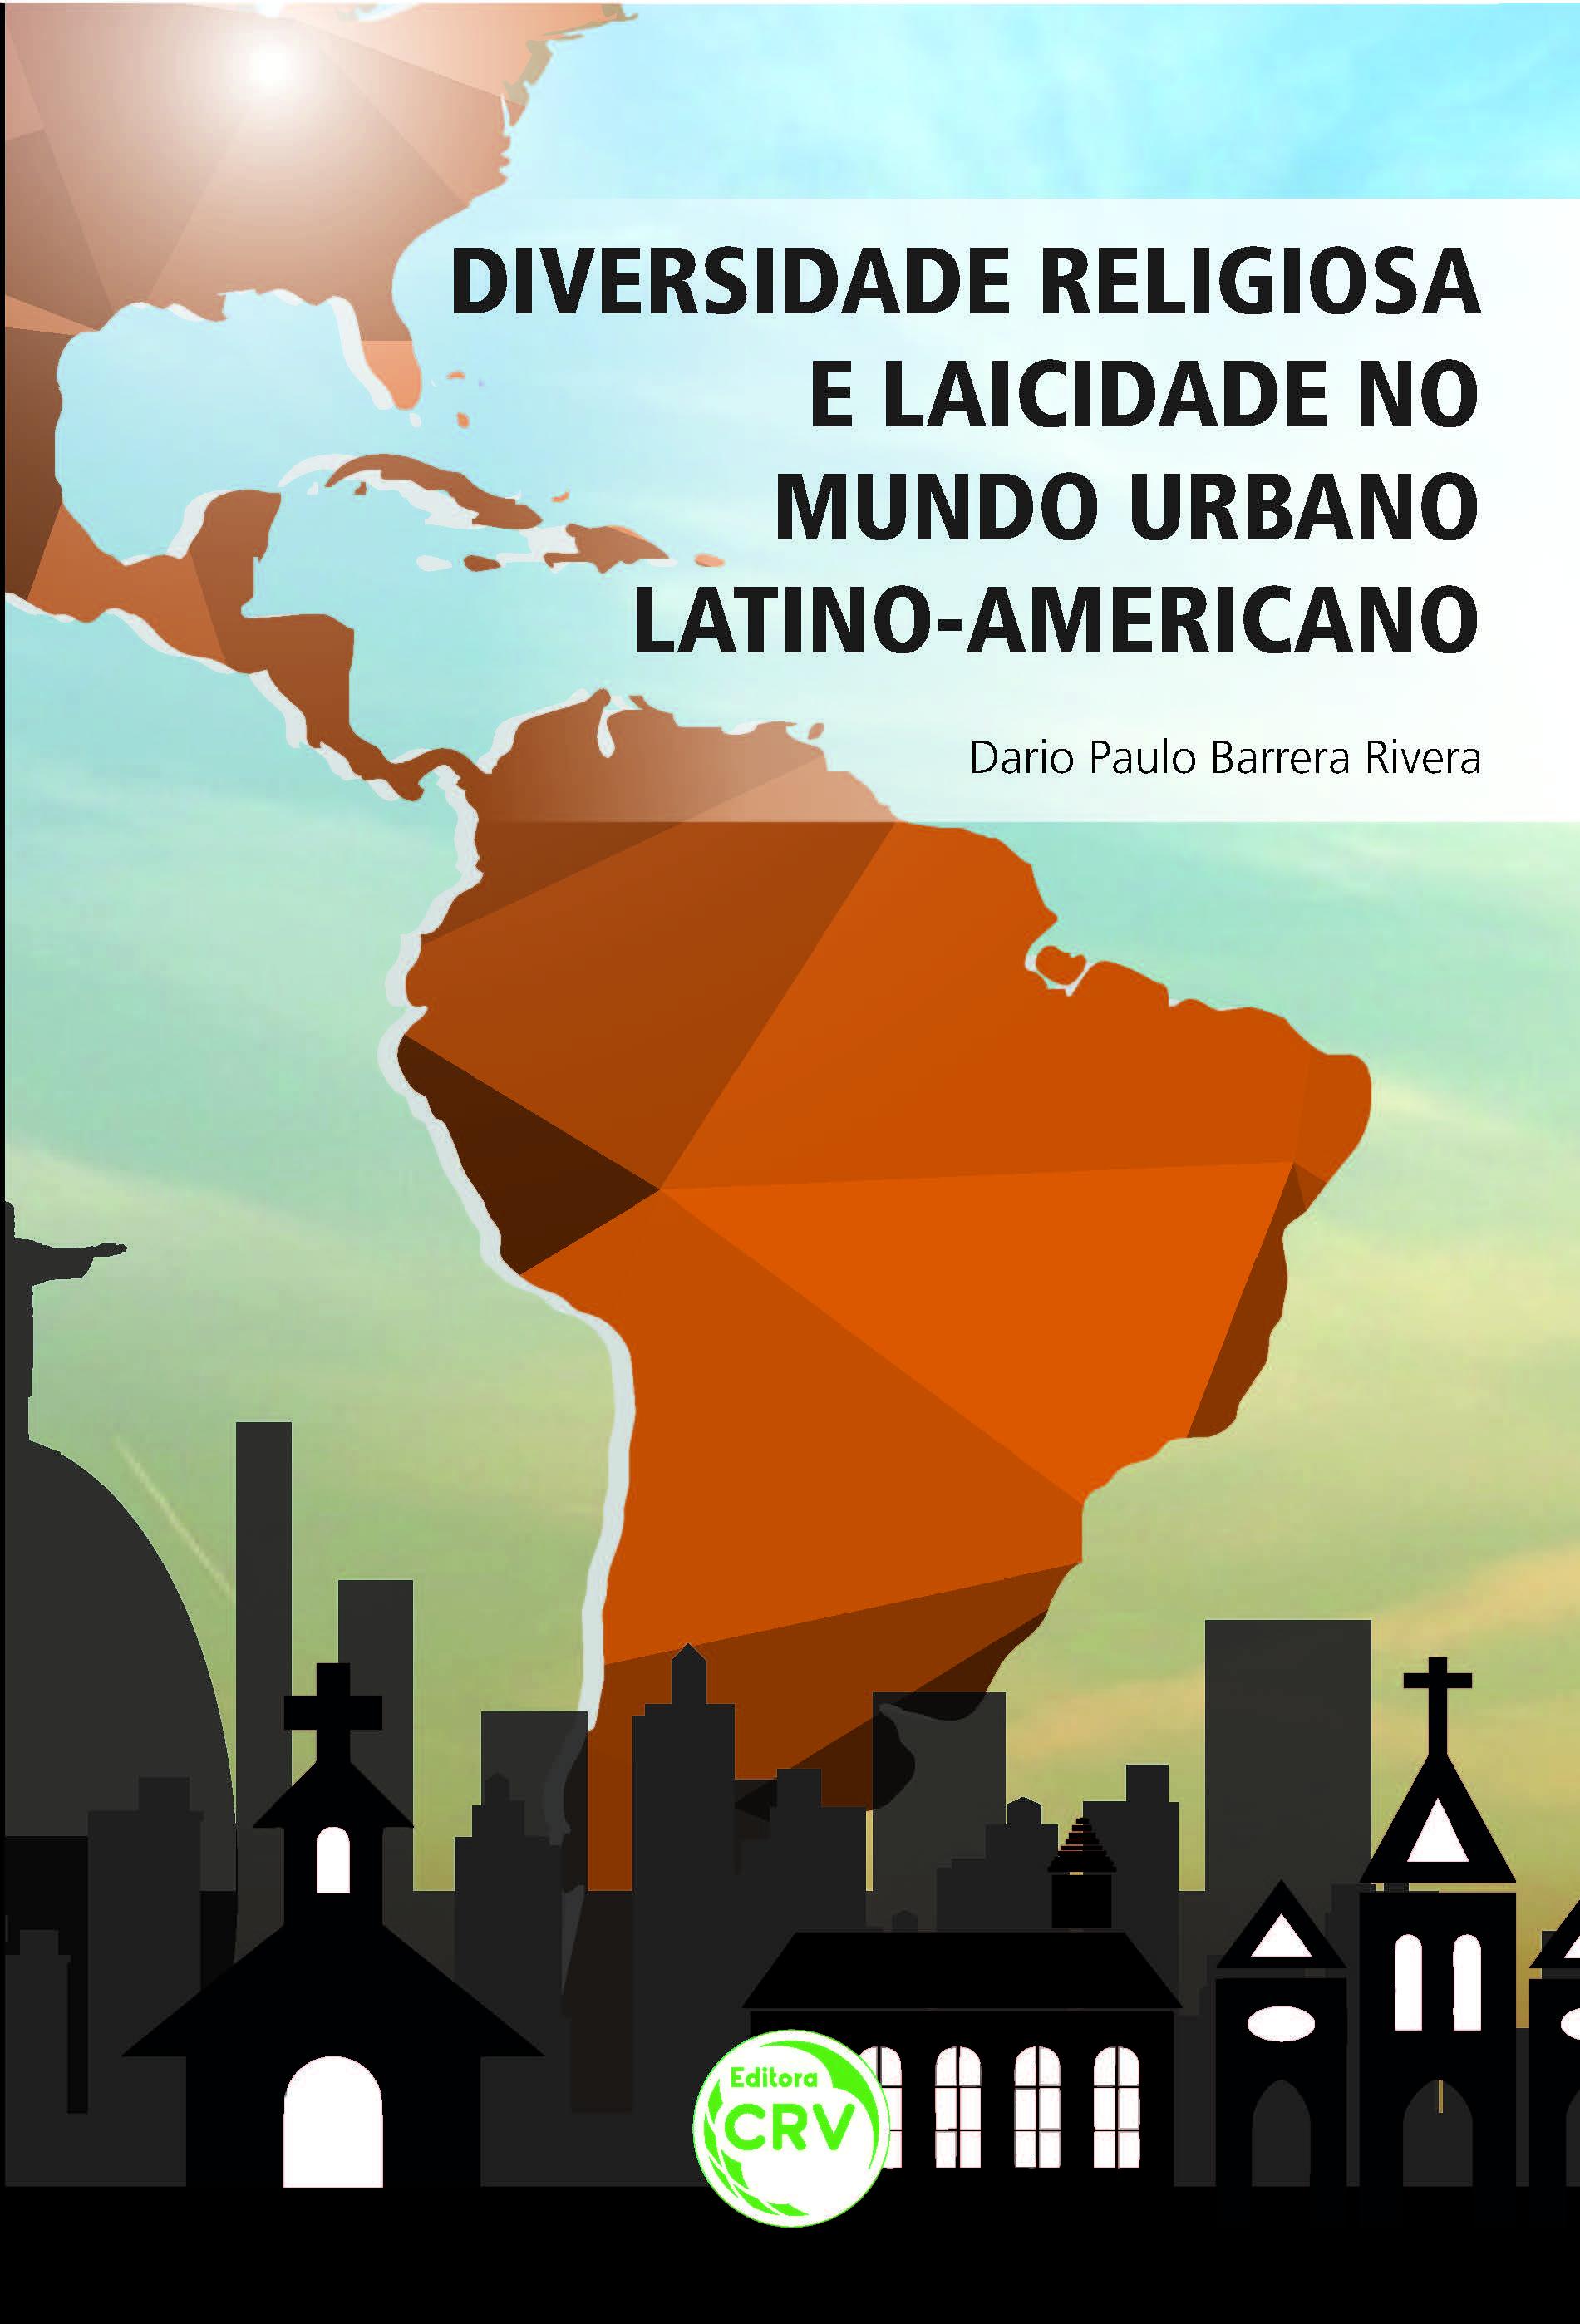 Capa do livro: DIVERSIDADE RELIGIOSA E LAICIDADE NO MUNDO URBANO LATINO-AMERICANO